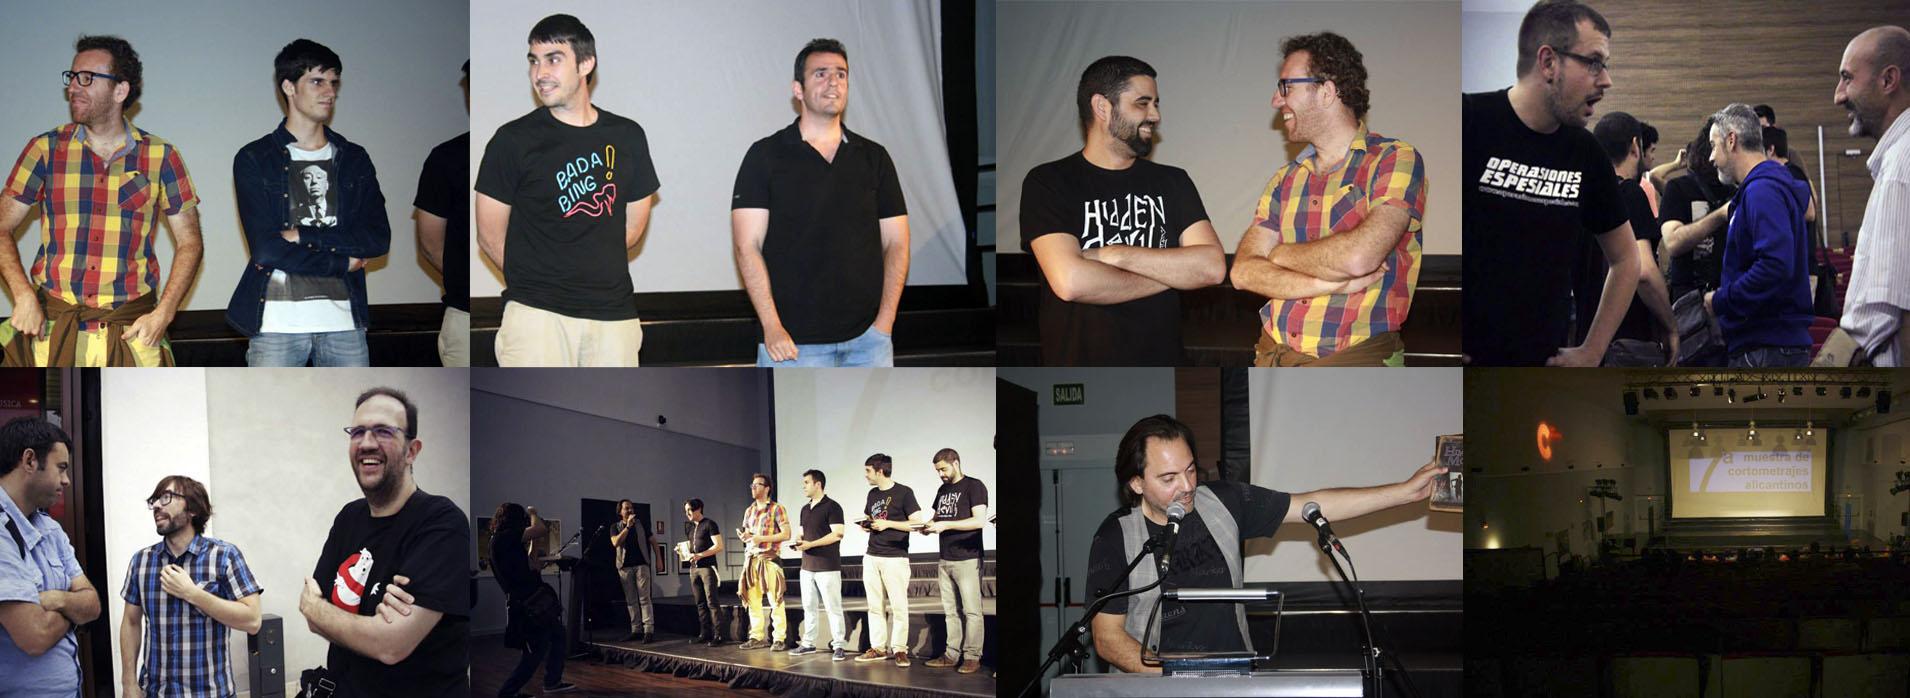 MuestraCortometrajesAlicantinos2015